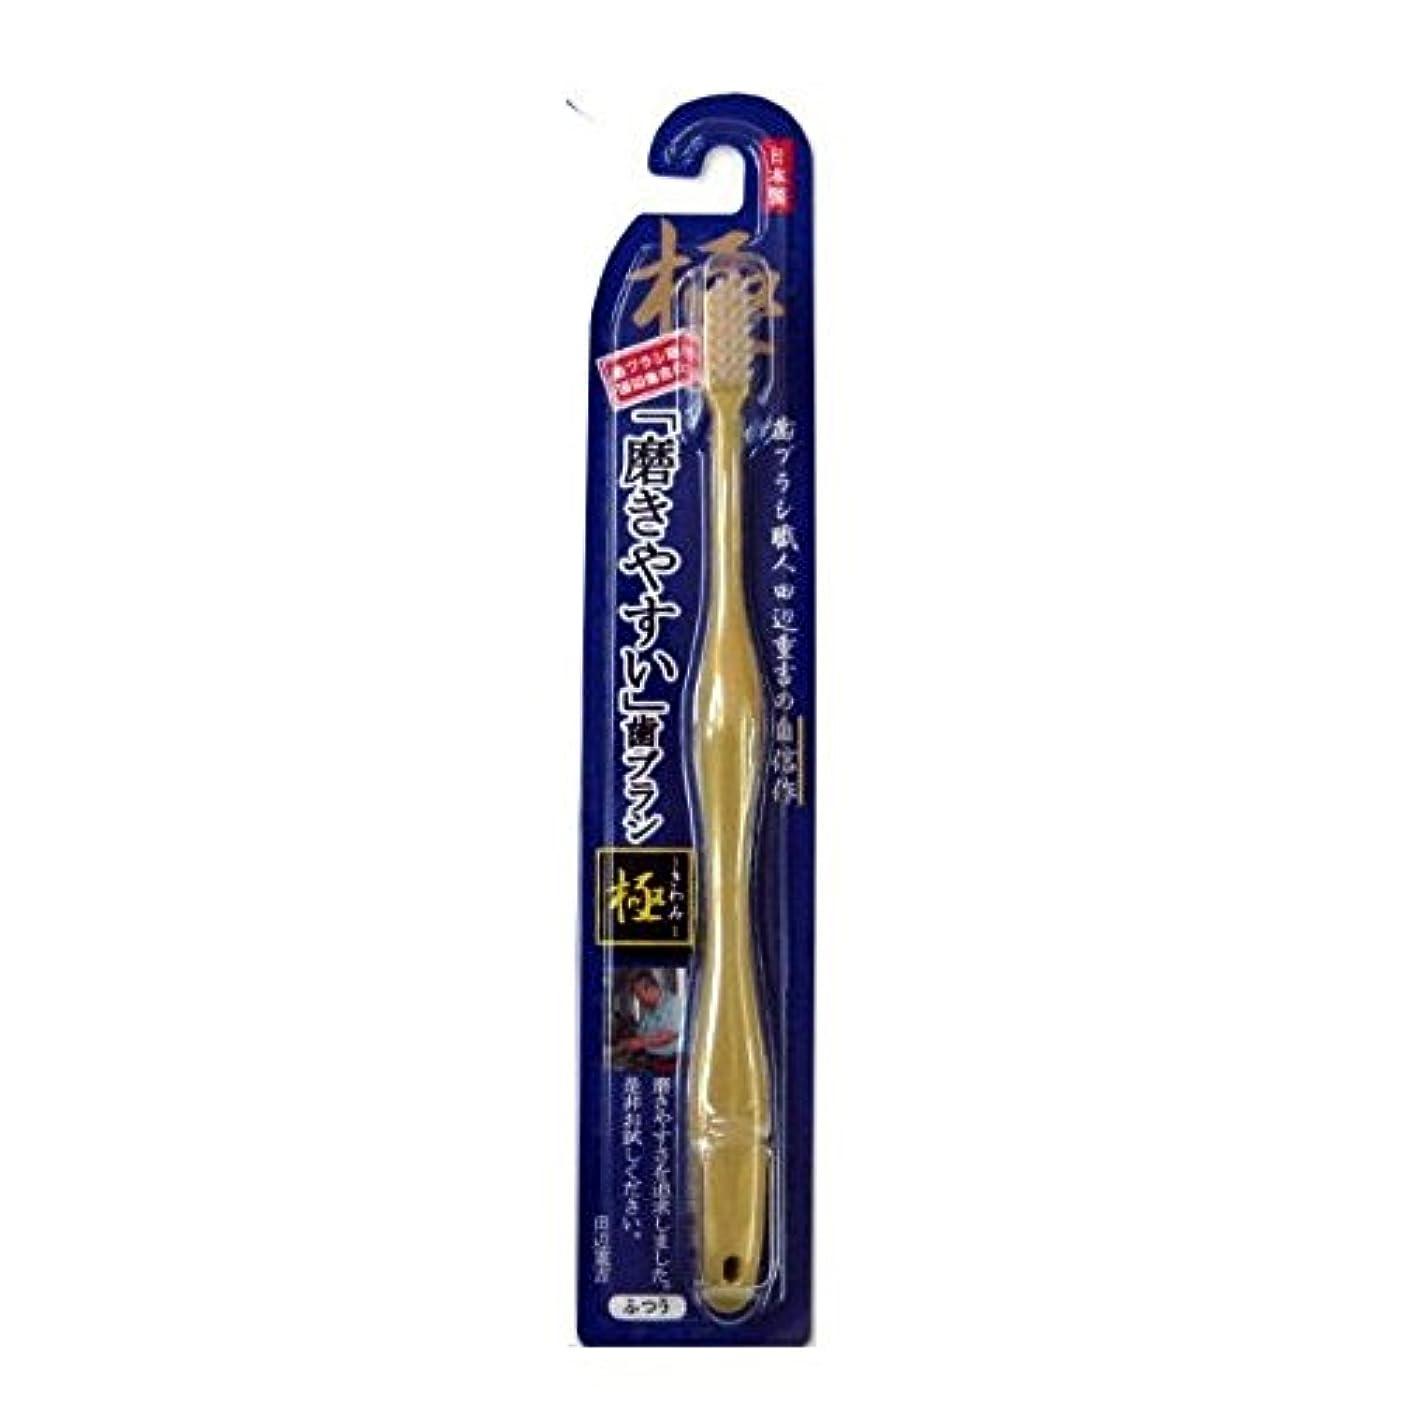 ブロッサム復讐寄生虫磨きやすい歯ブラシ極 LT-09